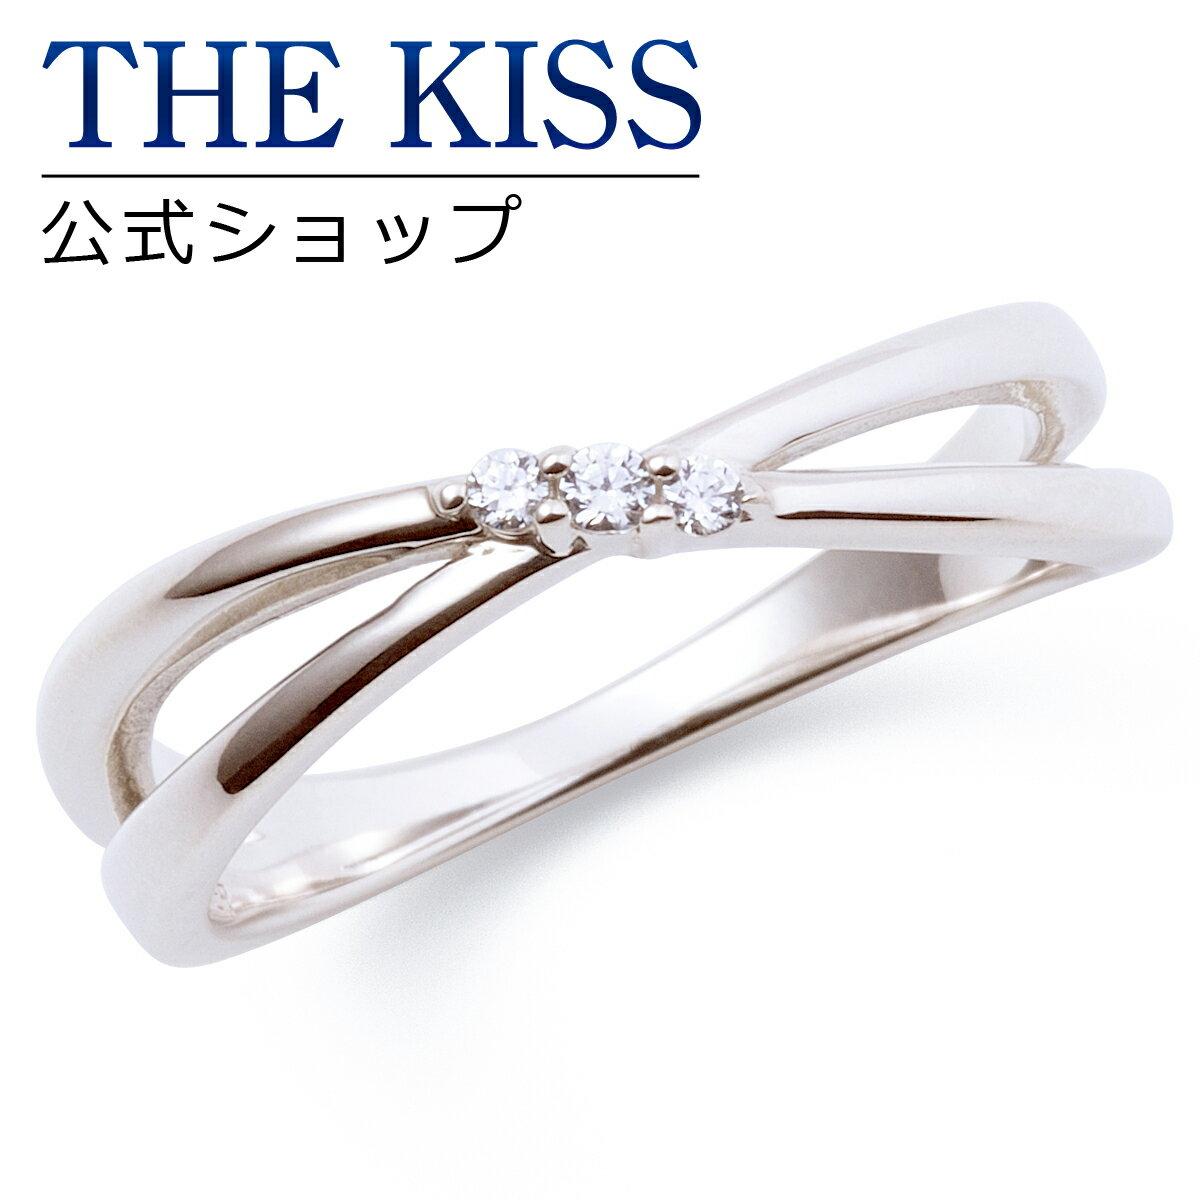 THE KISS 公式サイト シルバー ペアリング ( レディース 単品 ) ペアアクセサリー カップル に 人気 の ジュエリーブランド THEKISS ペア リング・指輪 記念日 プレゼント PSR814CB ザキス 【送料無料】